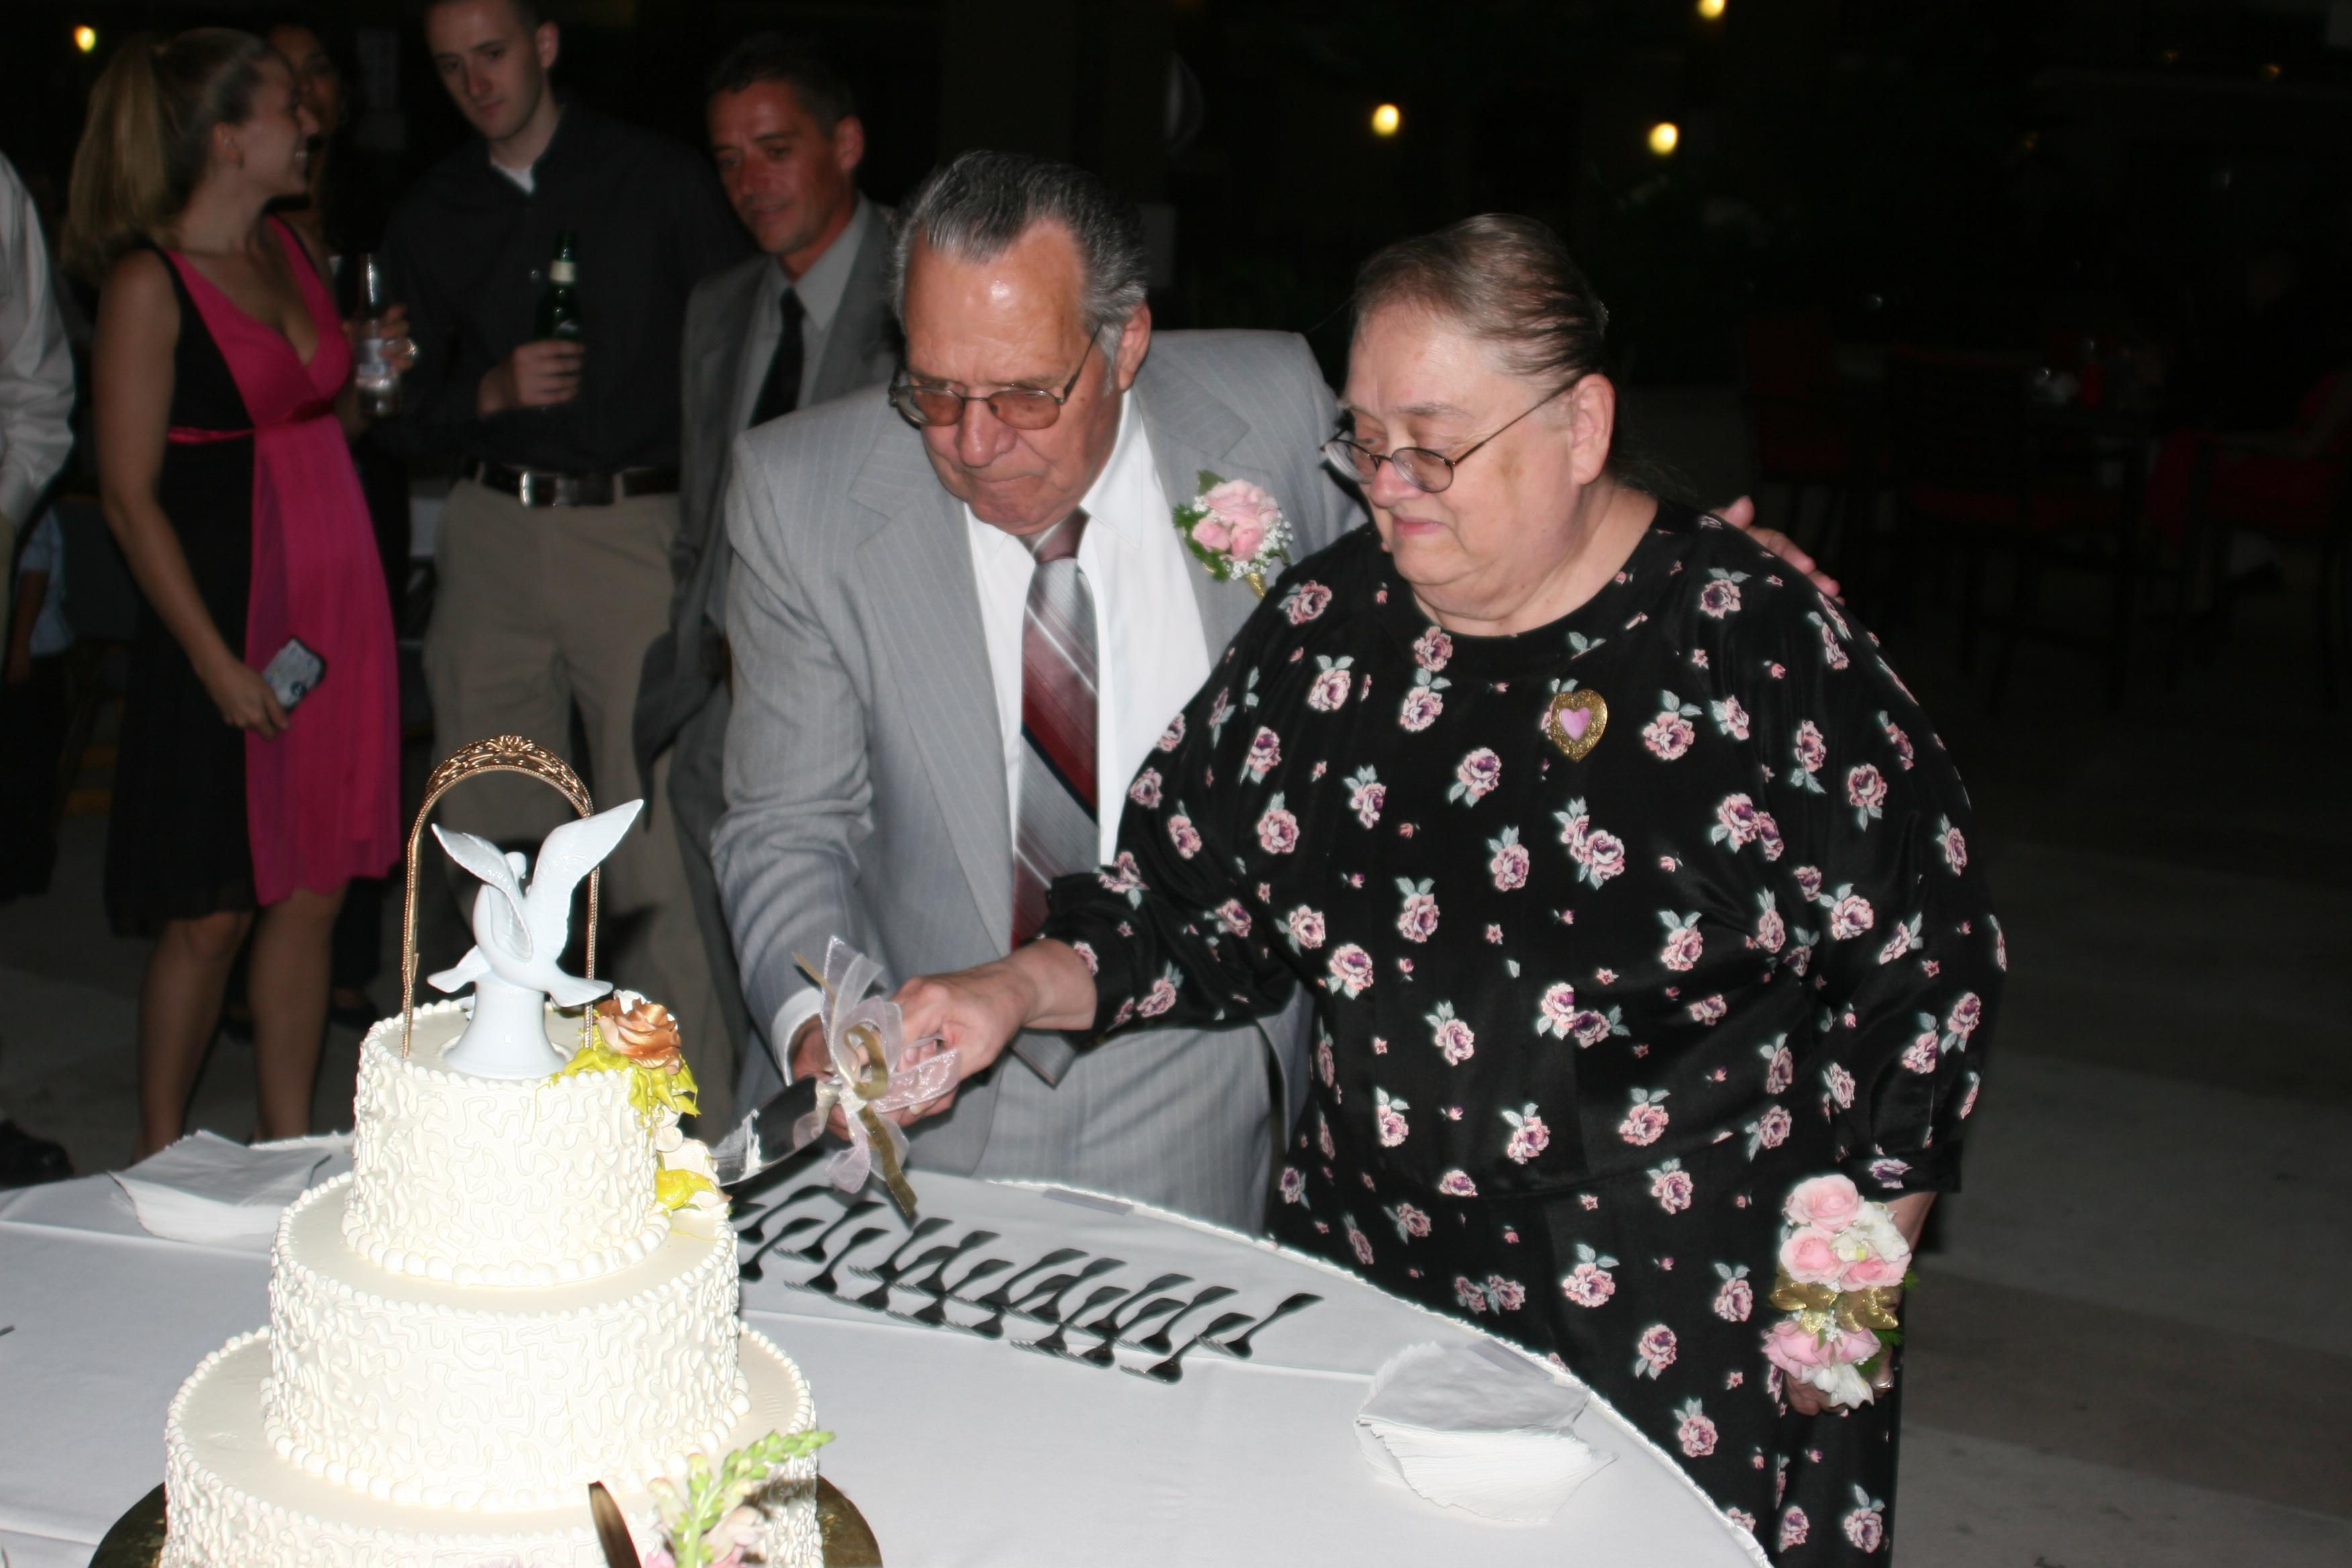 Cutting Cake 50th anniversary